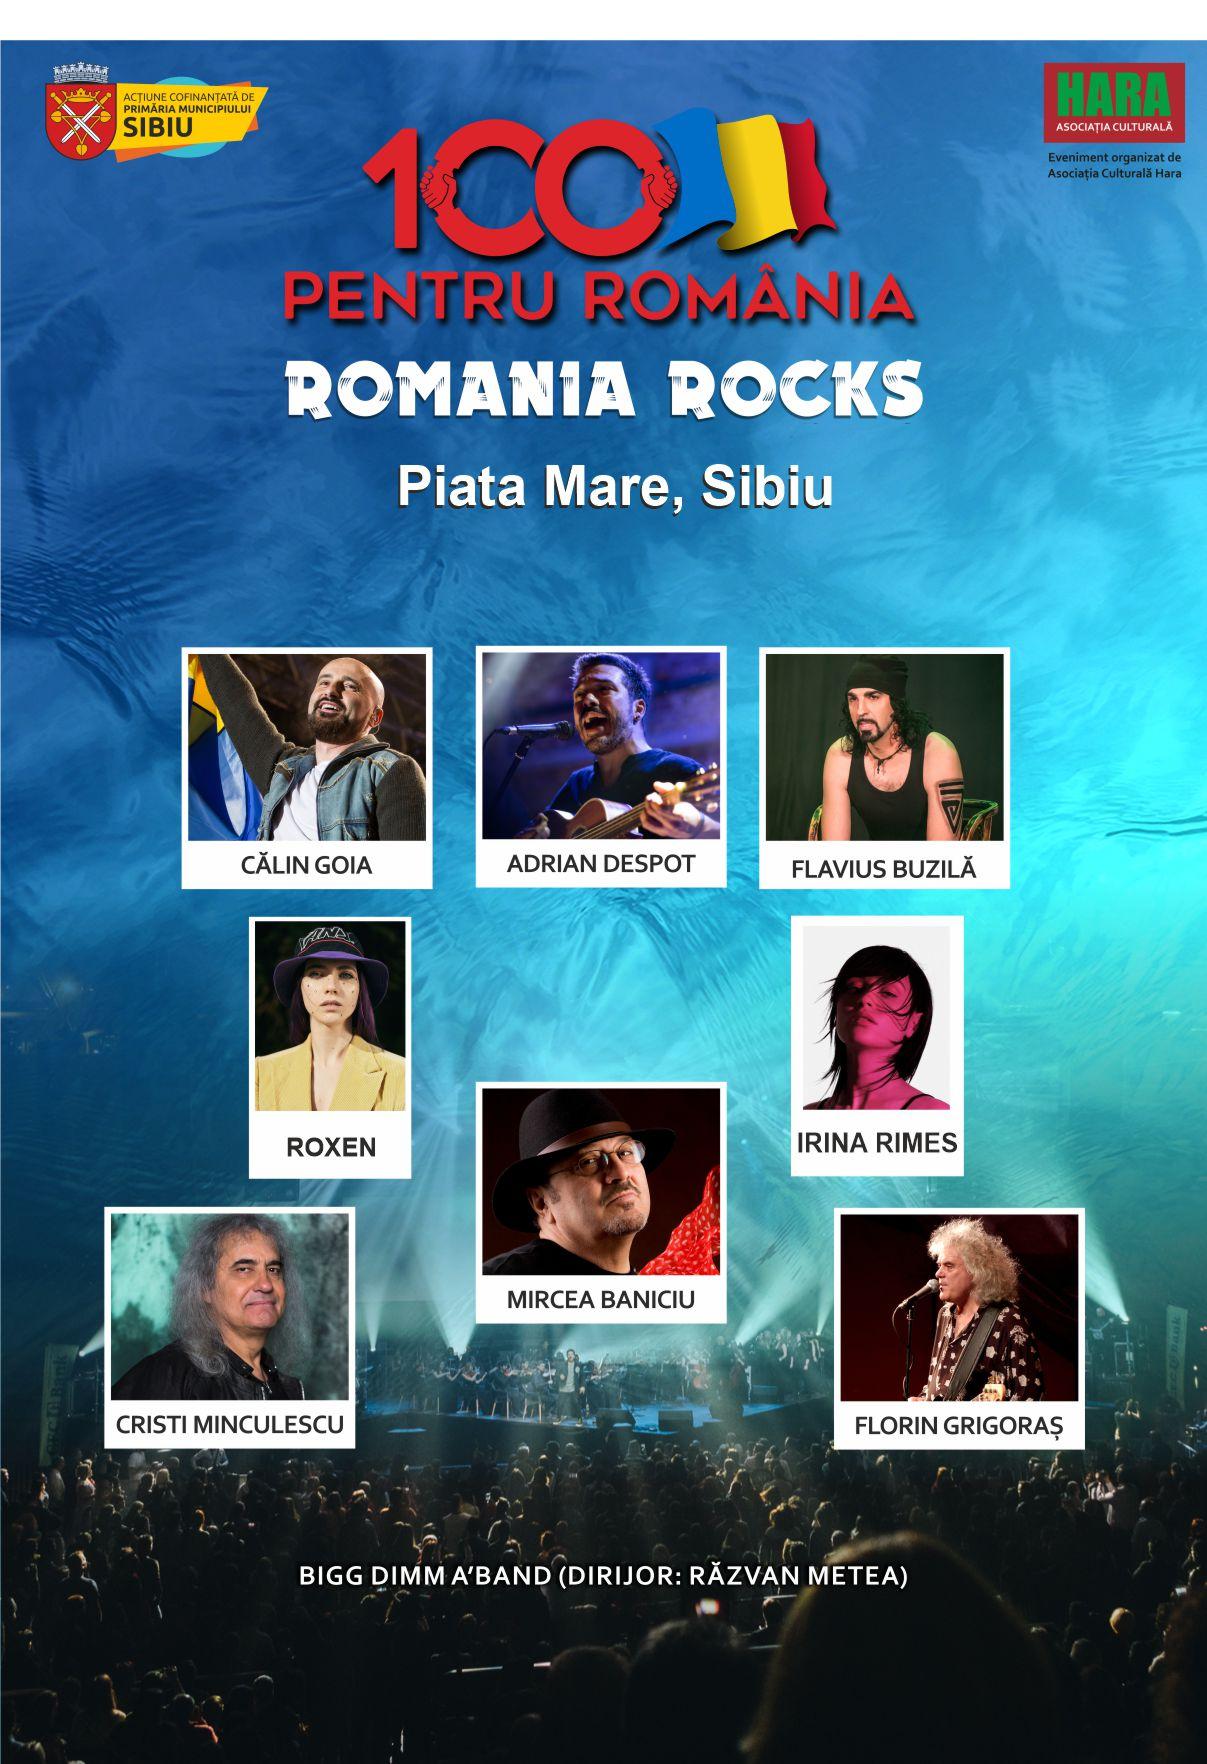 România Rocks, 100 de minute de muzică pentru suflet, 09 septembrie în Piața Mare din Sibiu